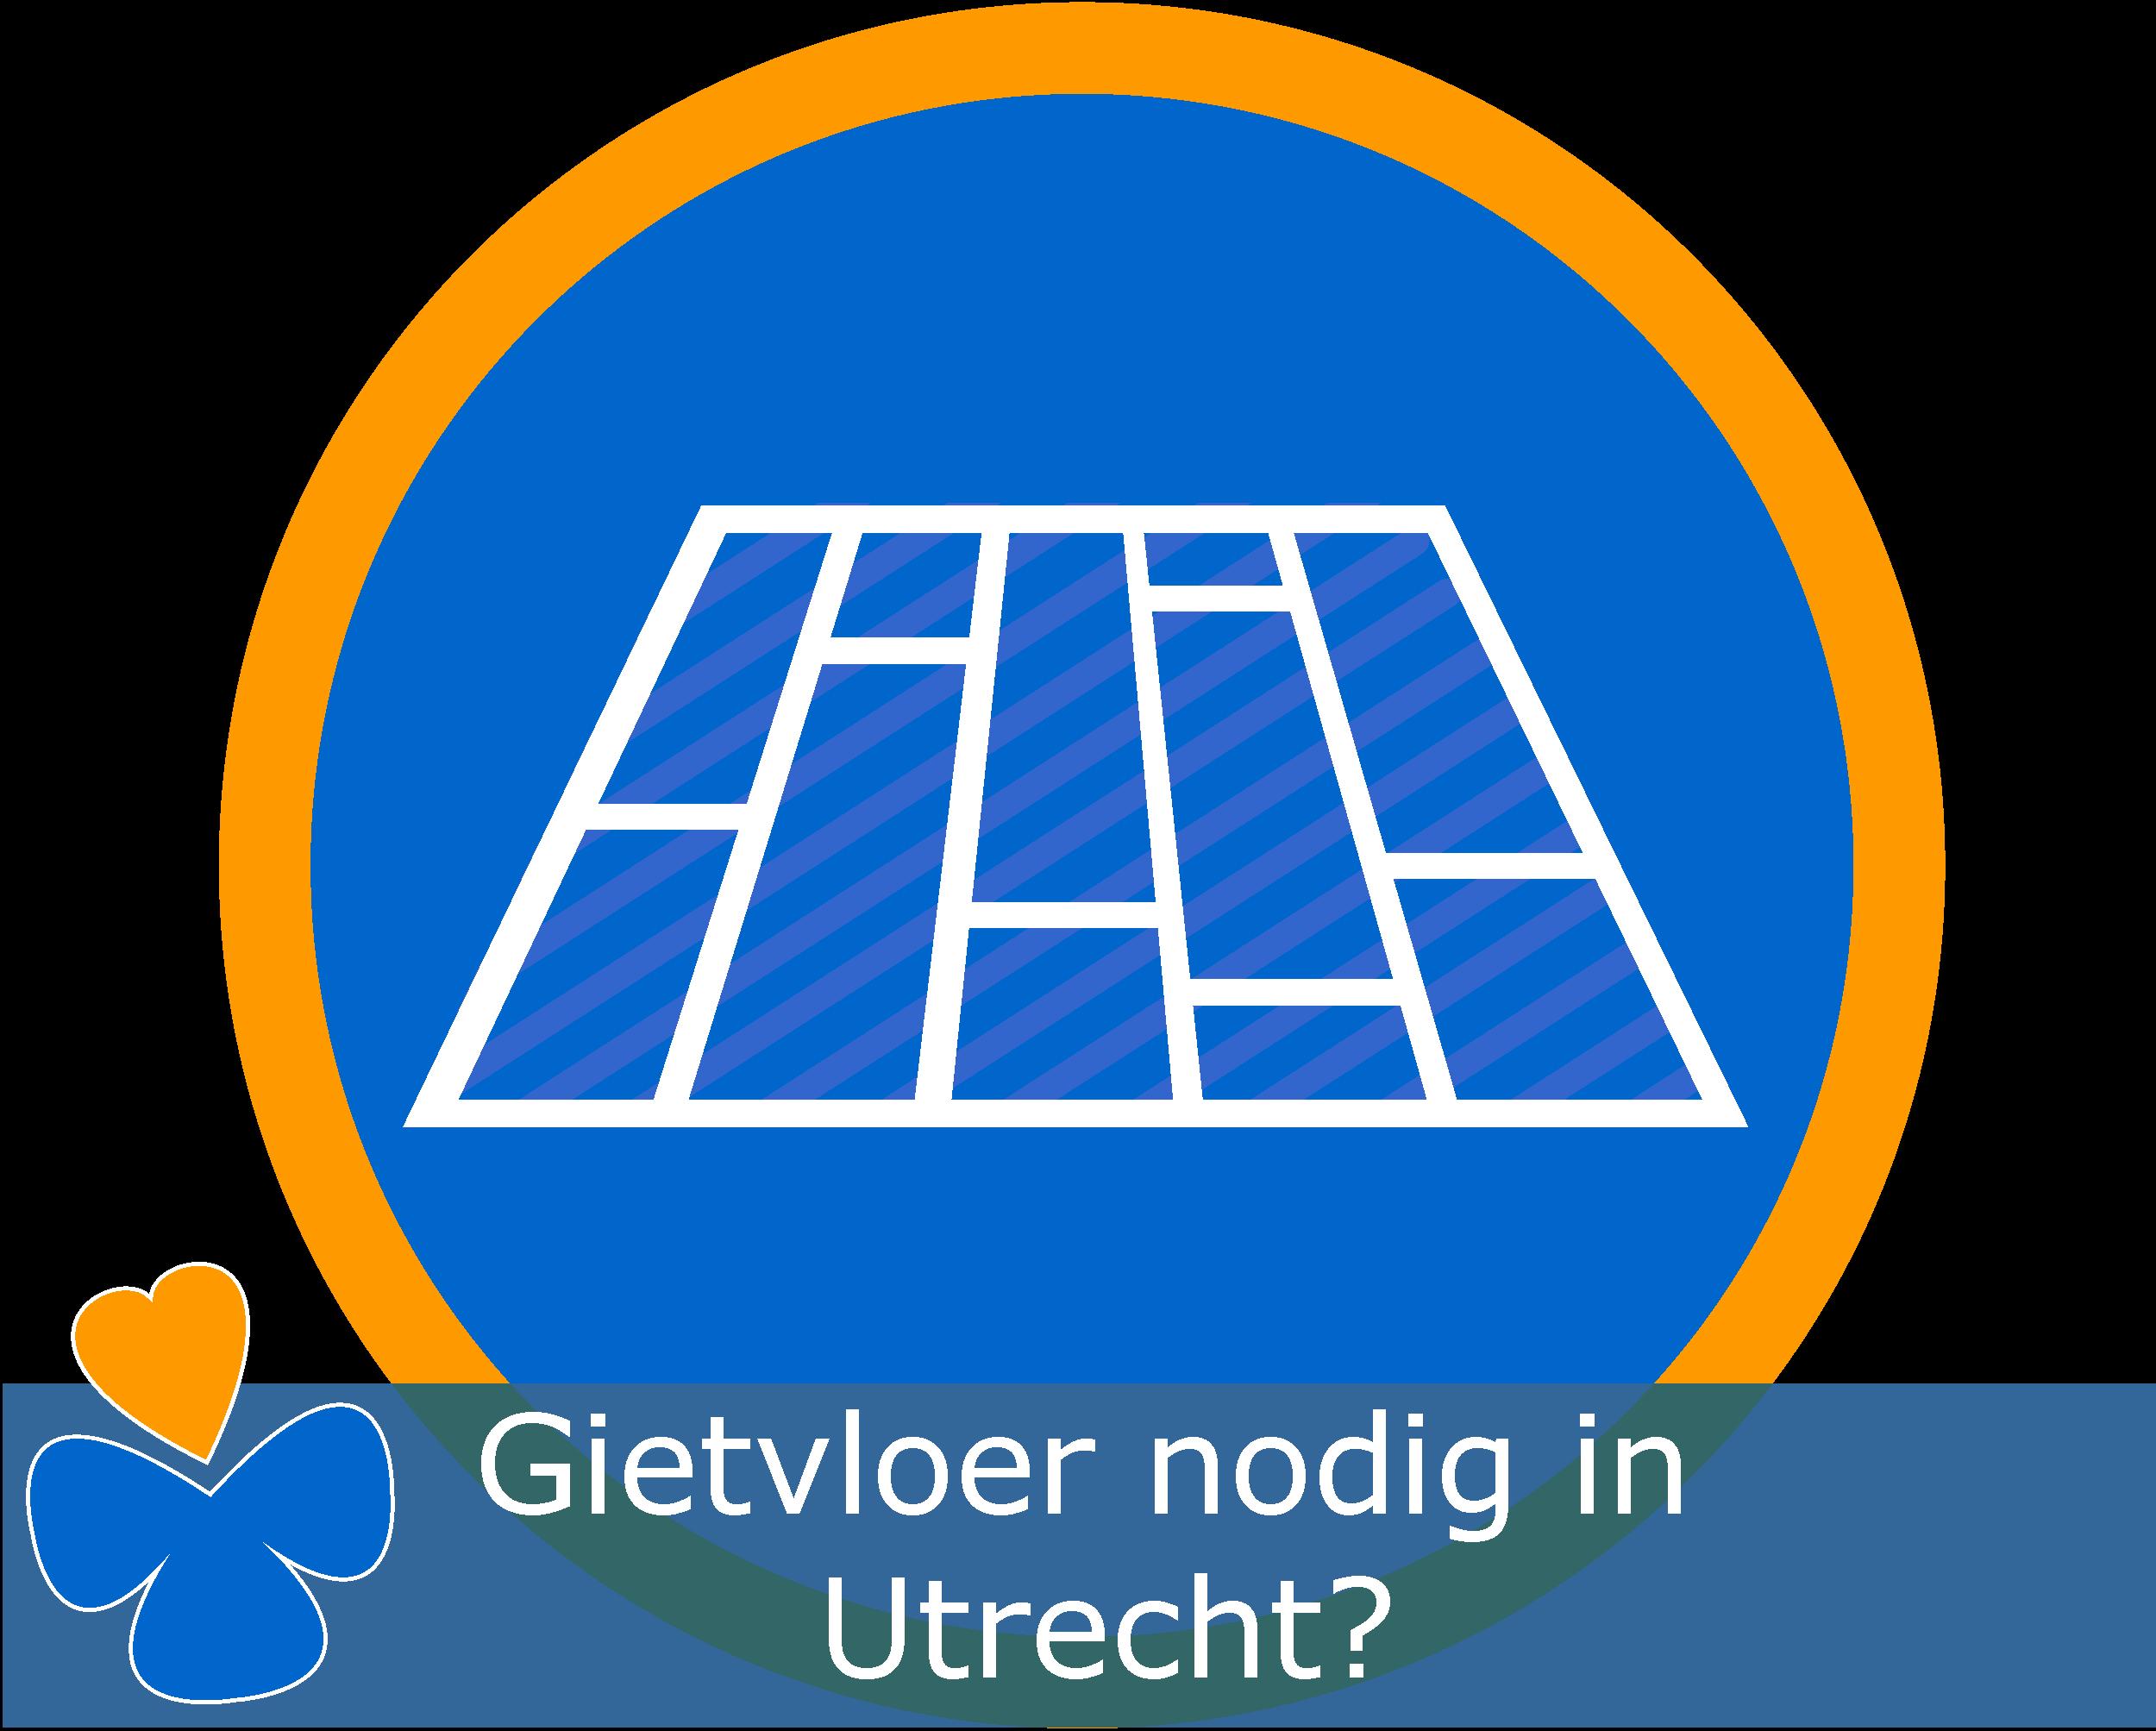 Gietvloeren Utrecht eo nodig? Gietvloeren worden door echte gietvloer specialisten in Utrecht.